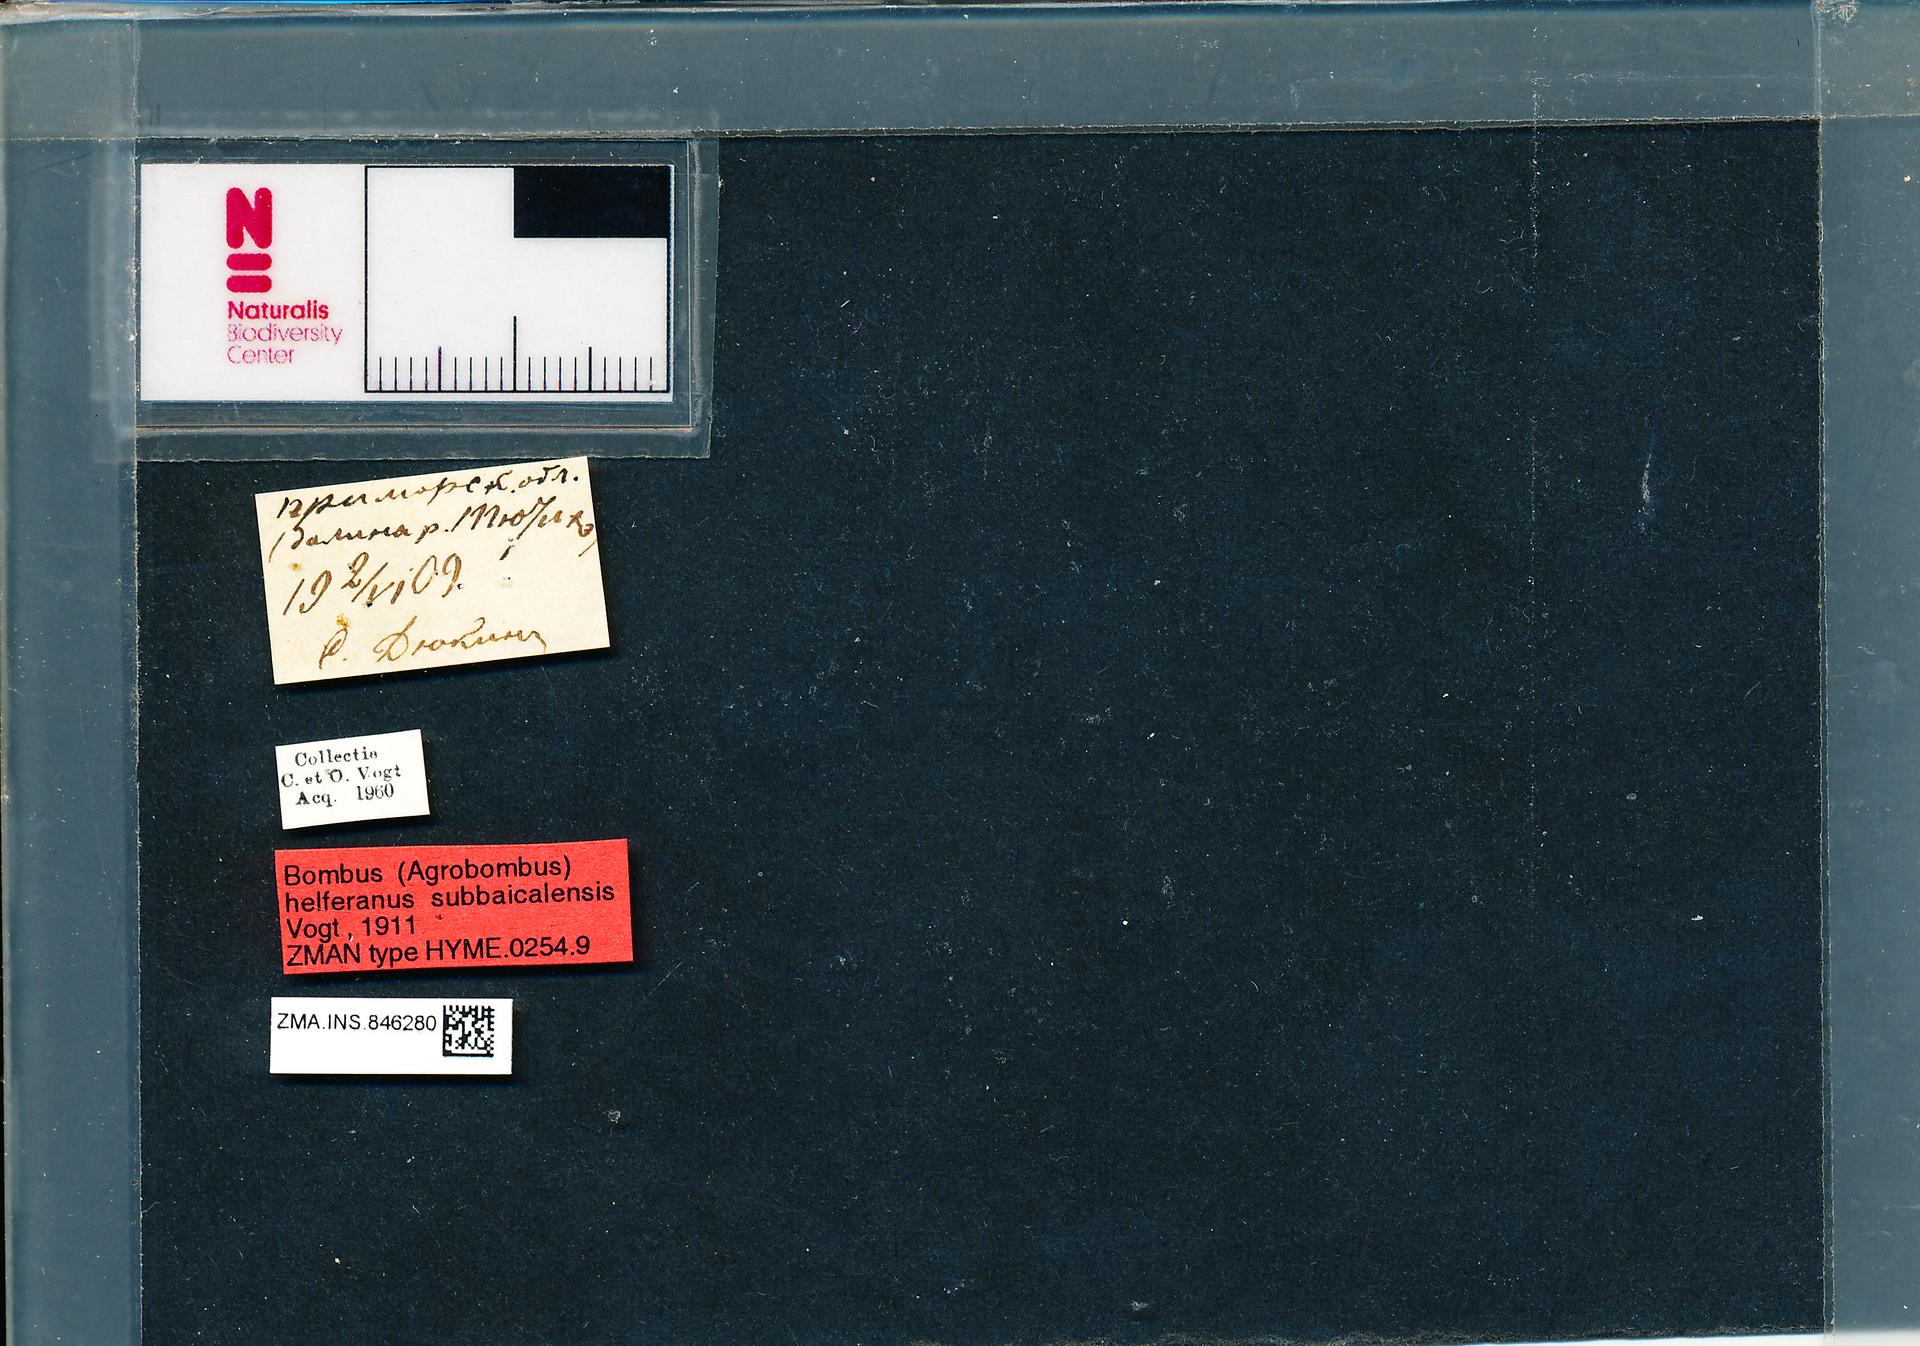 ZMA.INS.846280 | Bombus (Thoracobombus) humilis subbaicalensis Vogt, 1911